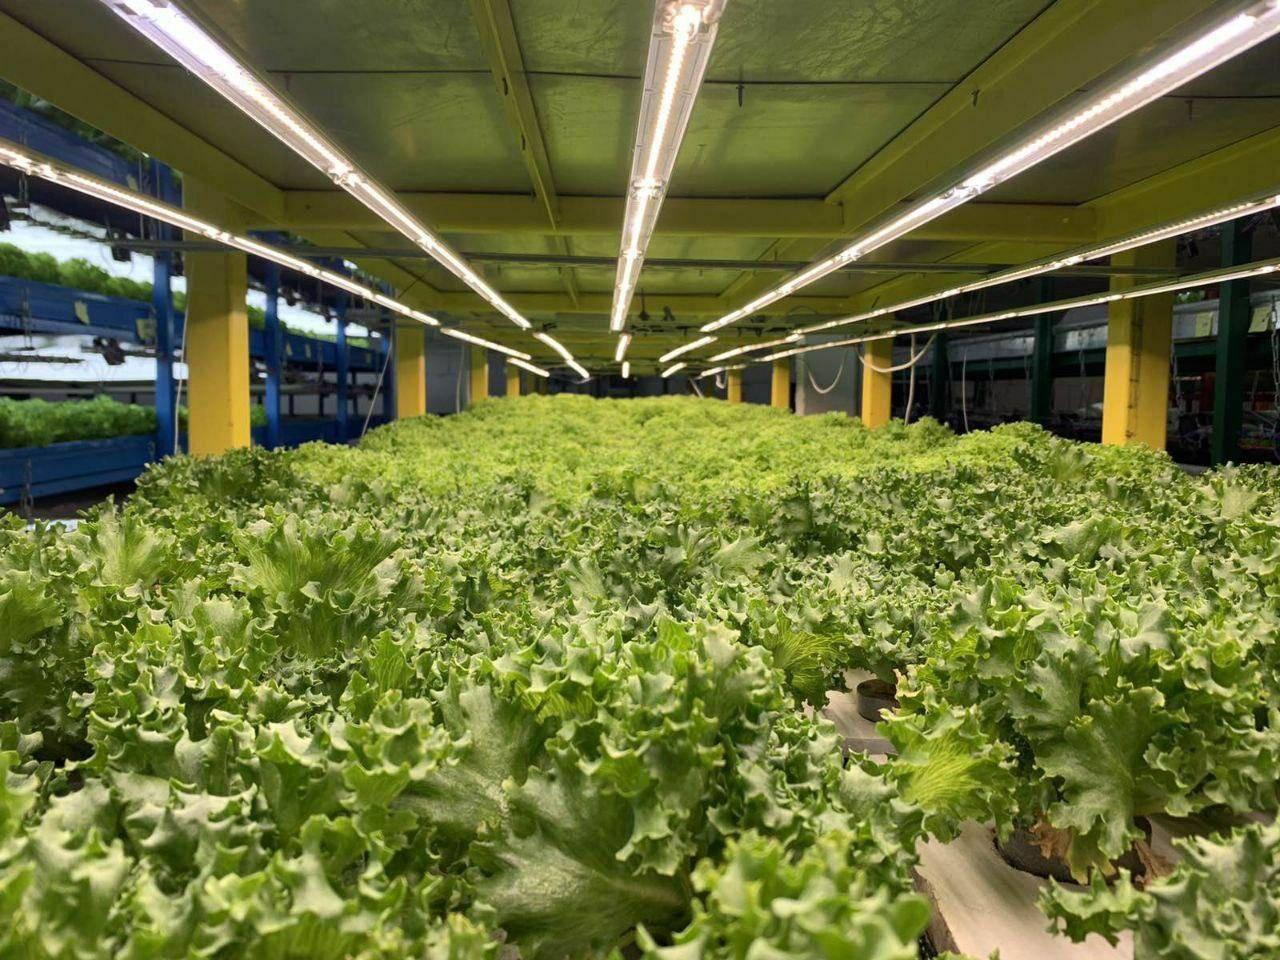 Какое освещение должно быть в теплице для выращивания огурцов, помидоров, и салата